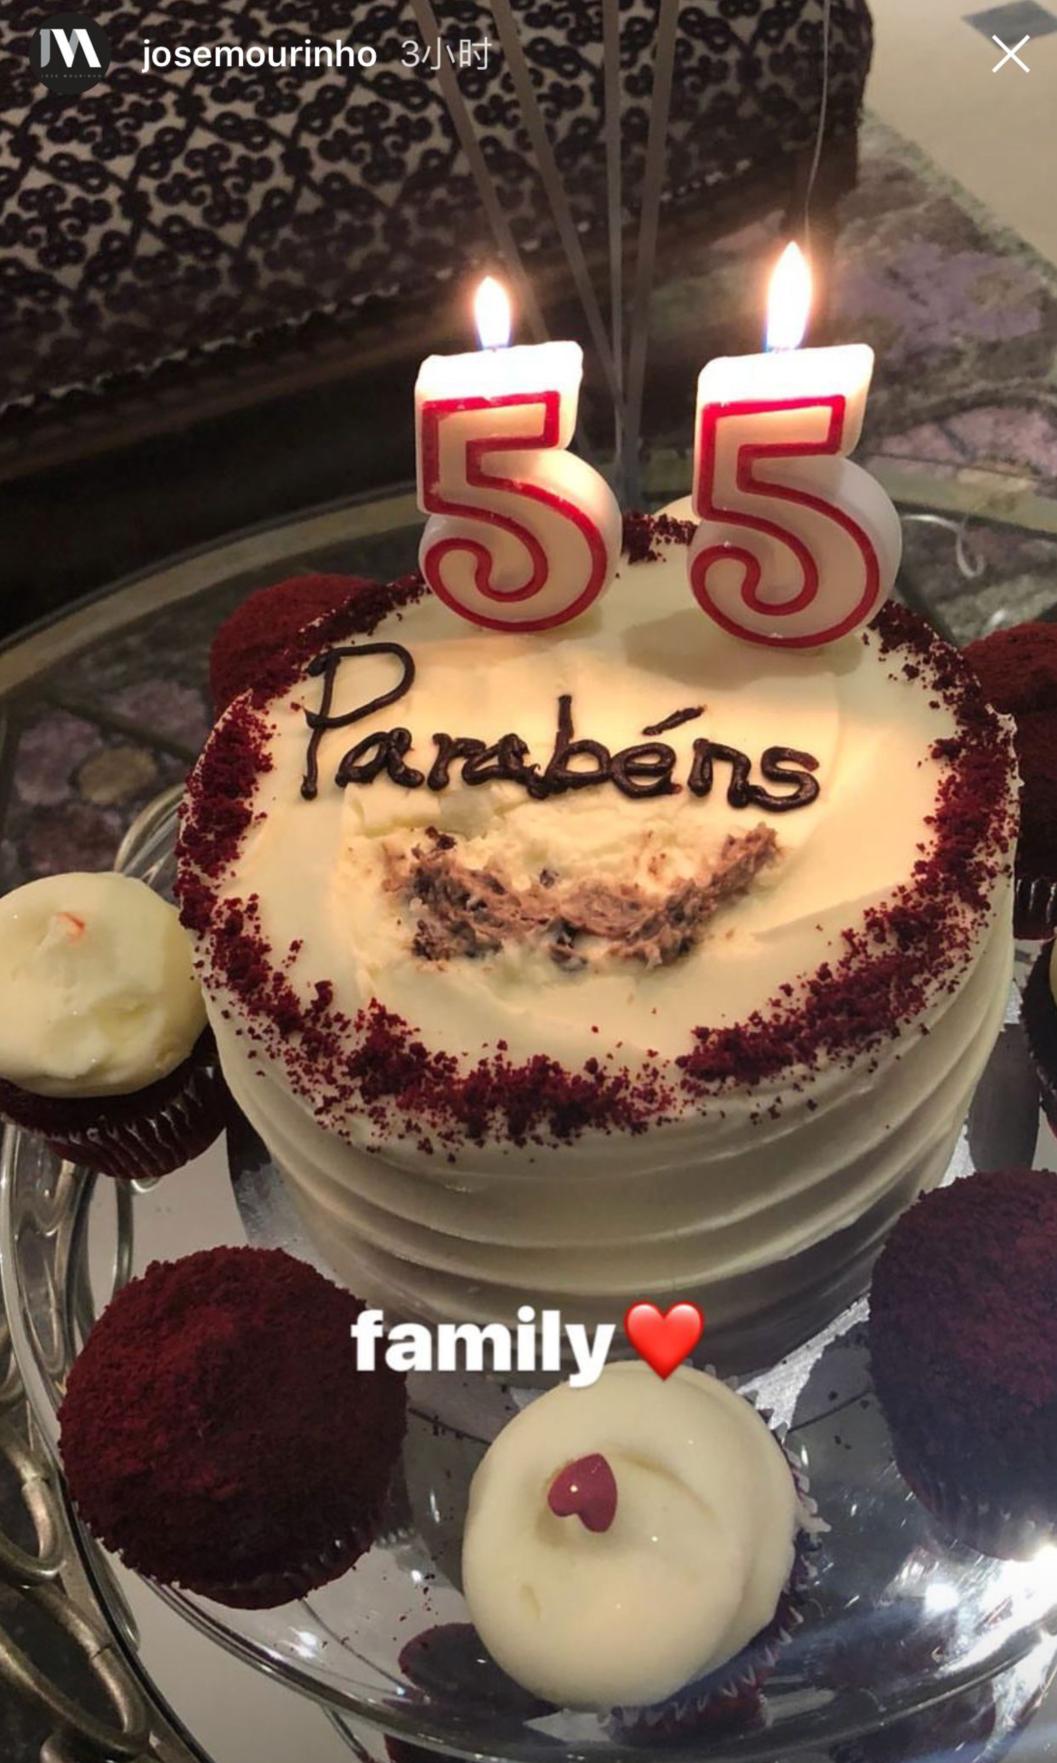 过生日又赢球,穆帅秀蛋糕感谢家人和球员